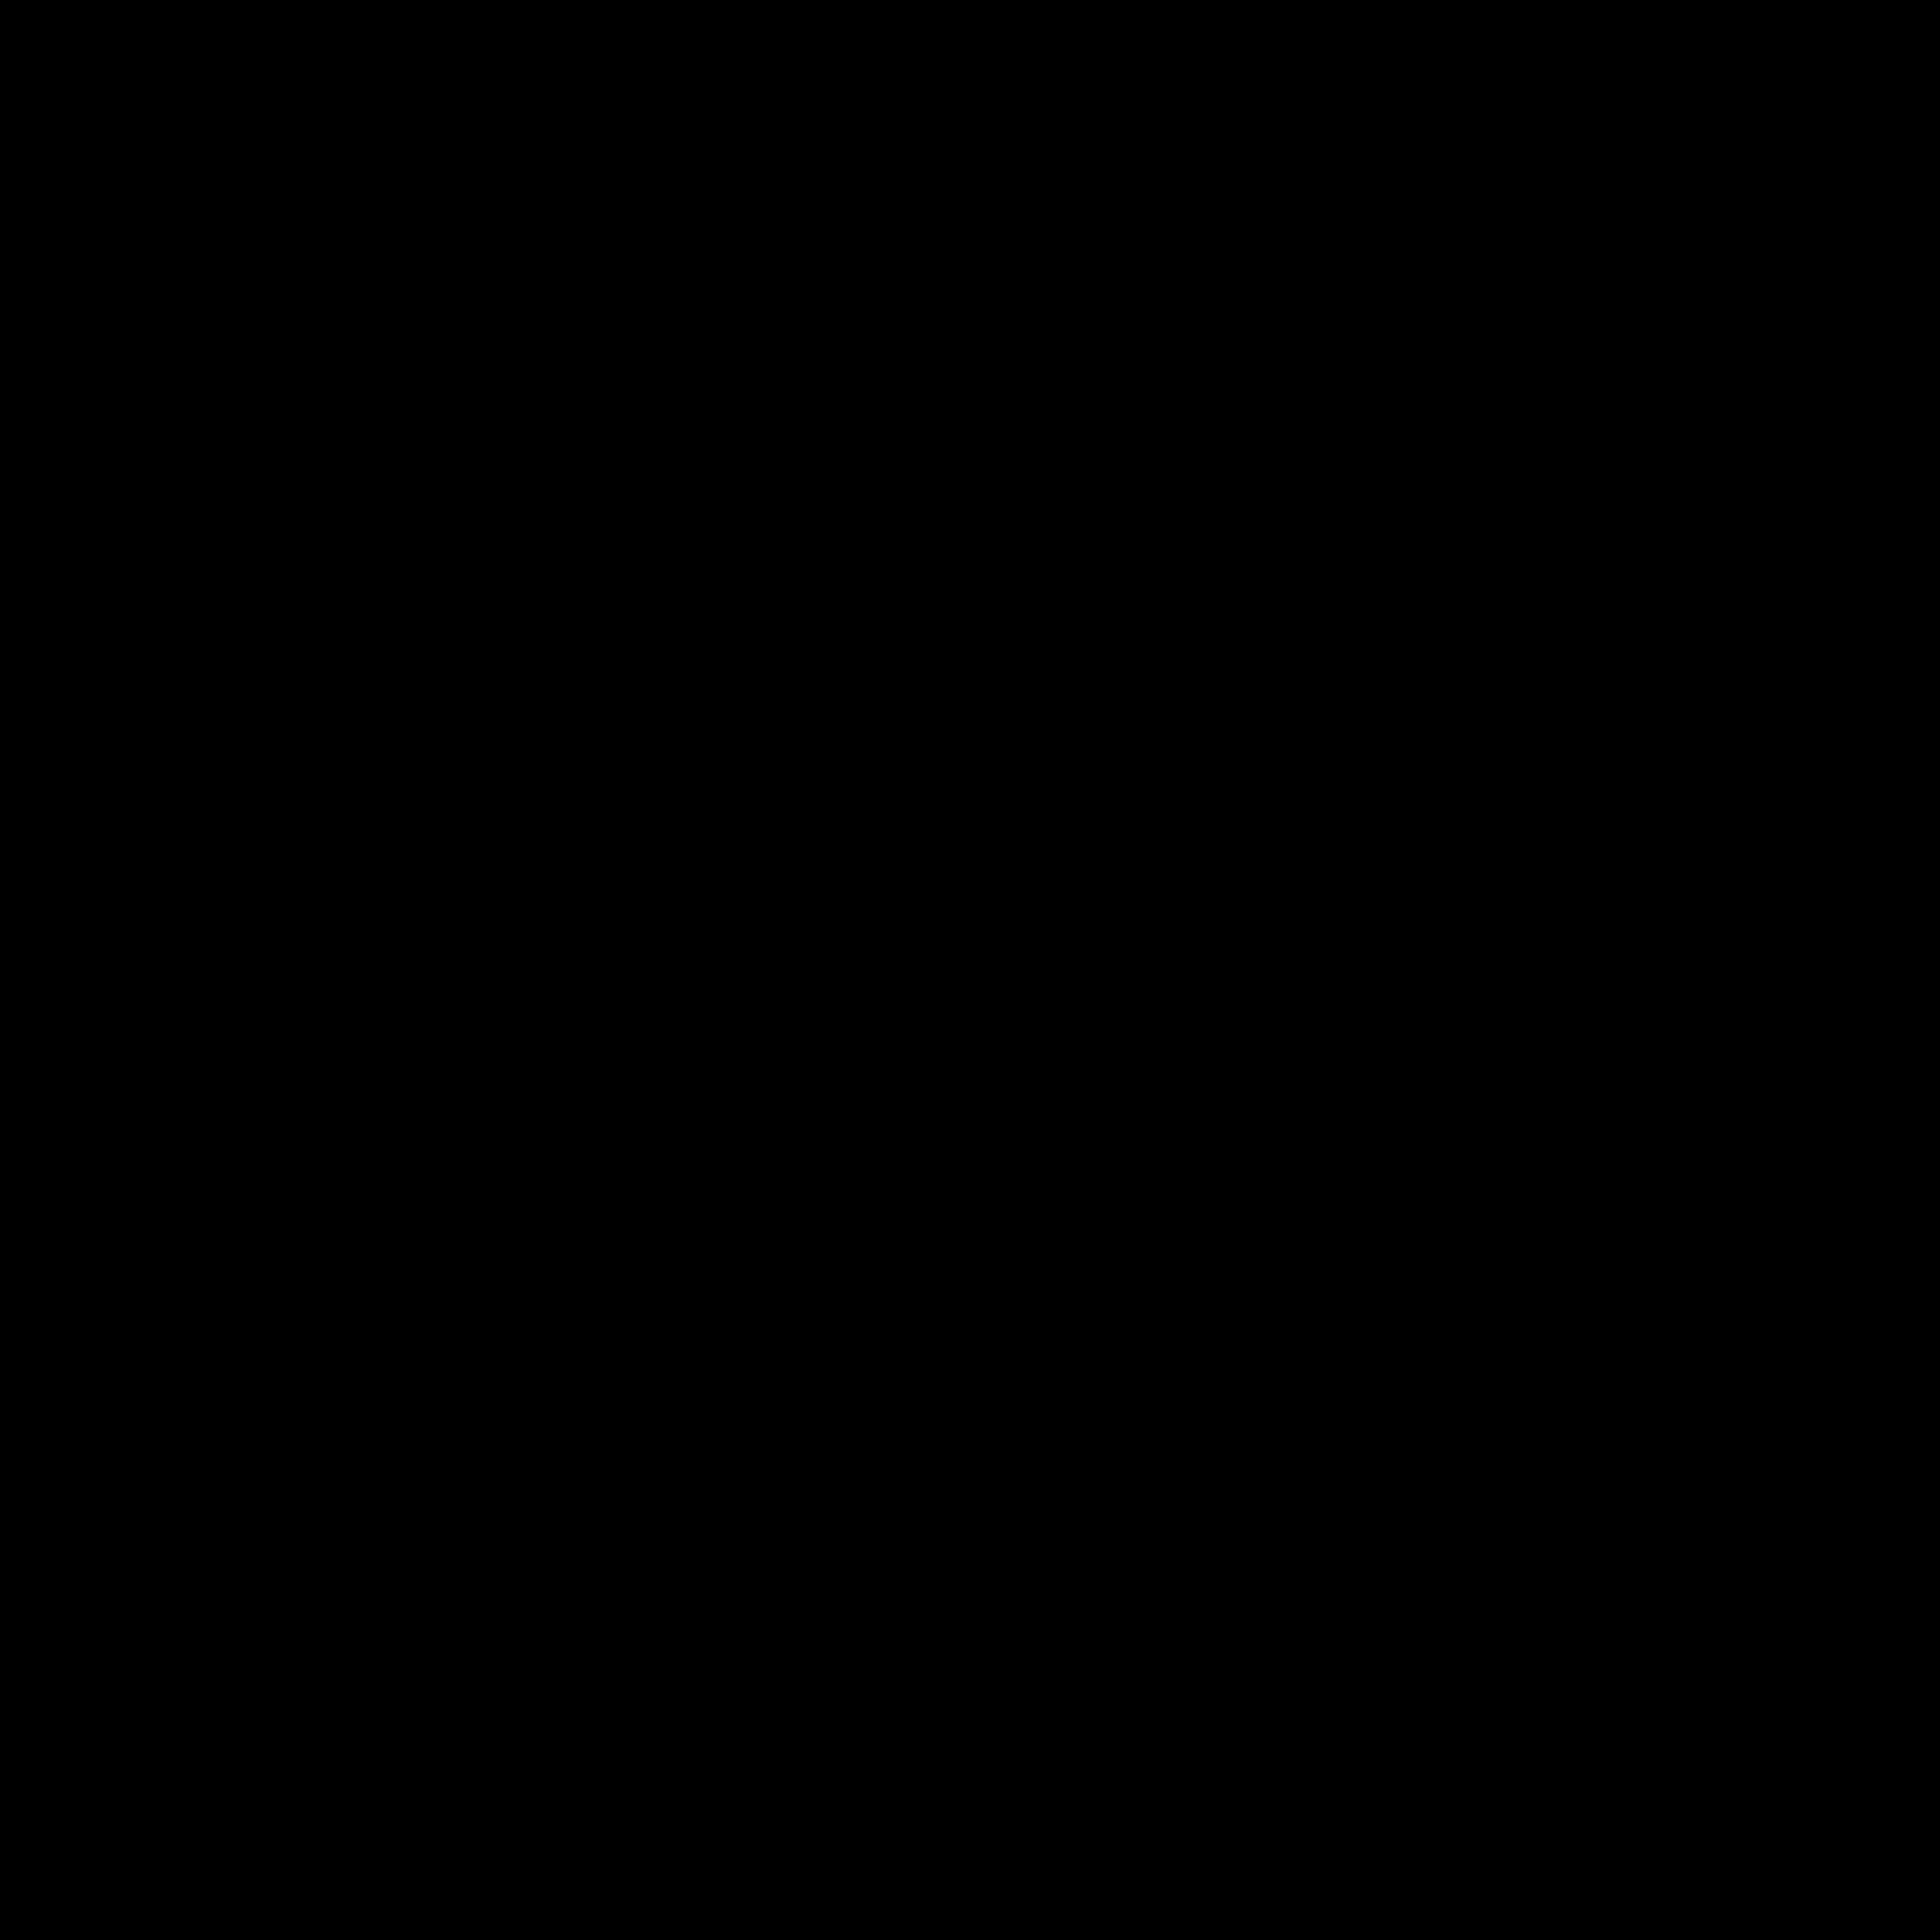 การตรวจติดตามภายในระบบIATF 16949-2016-06